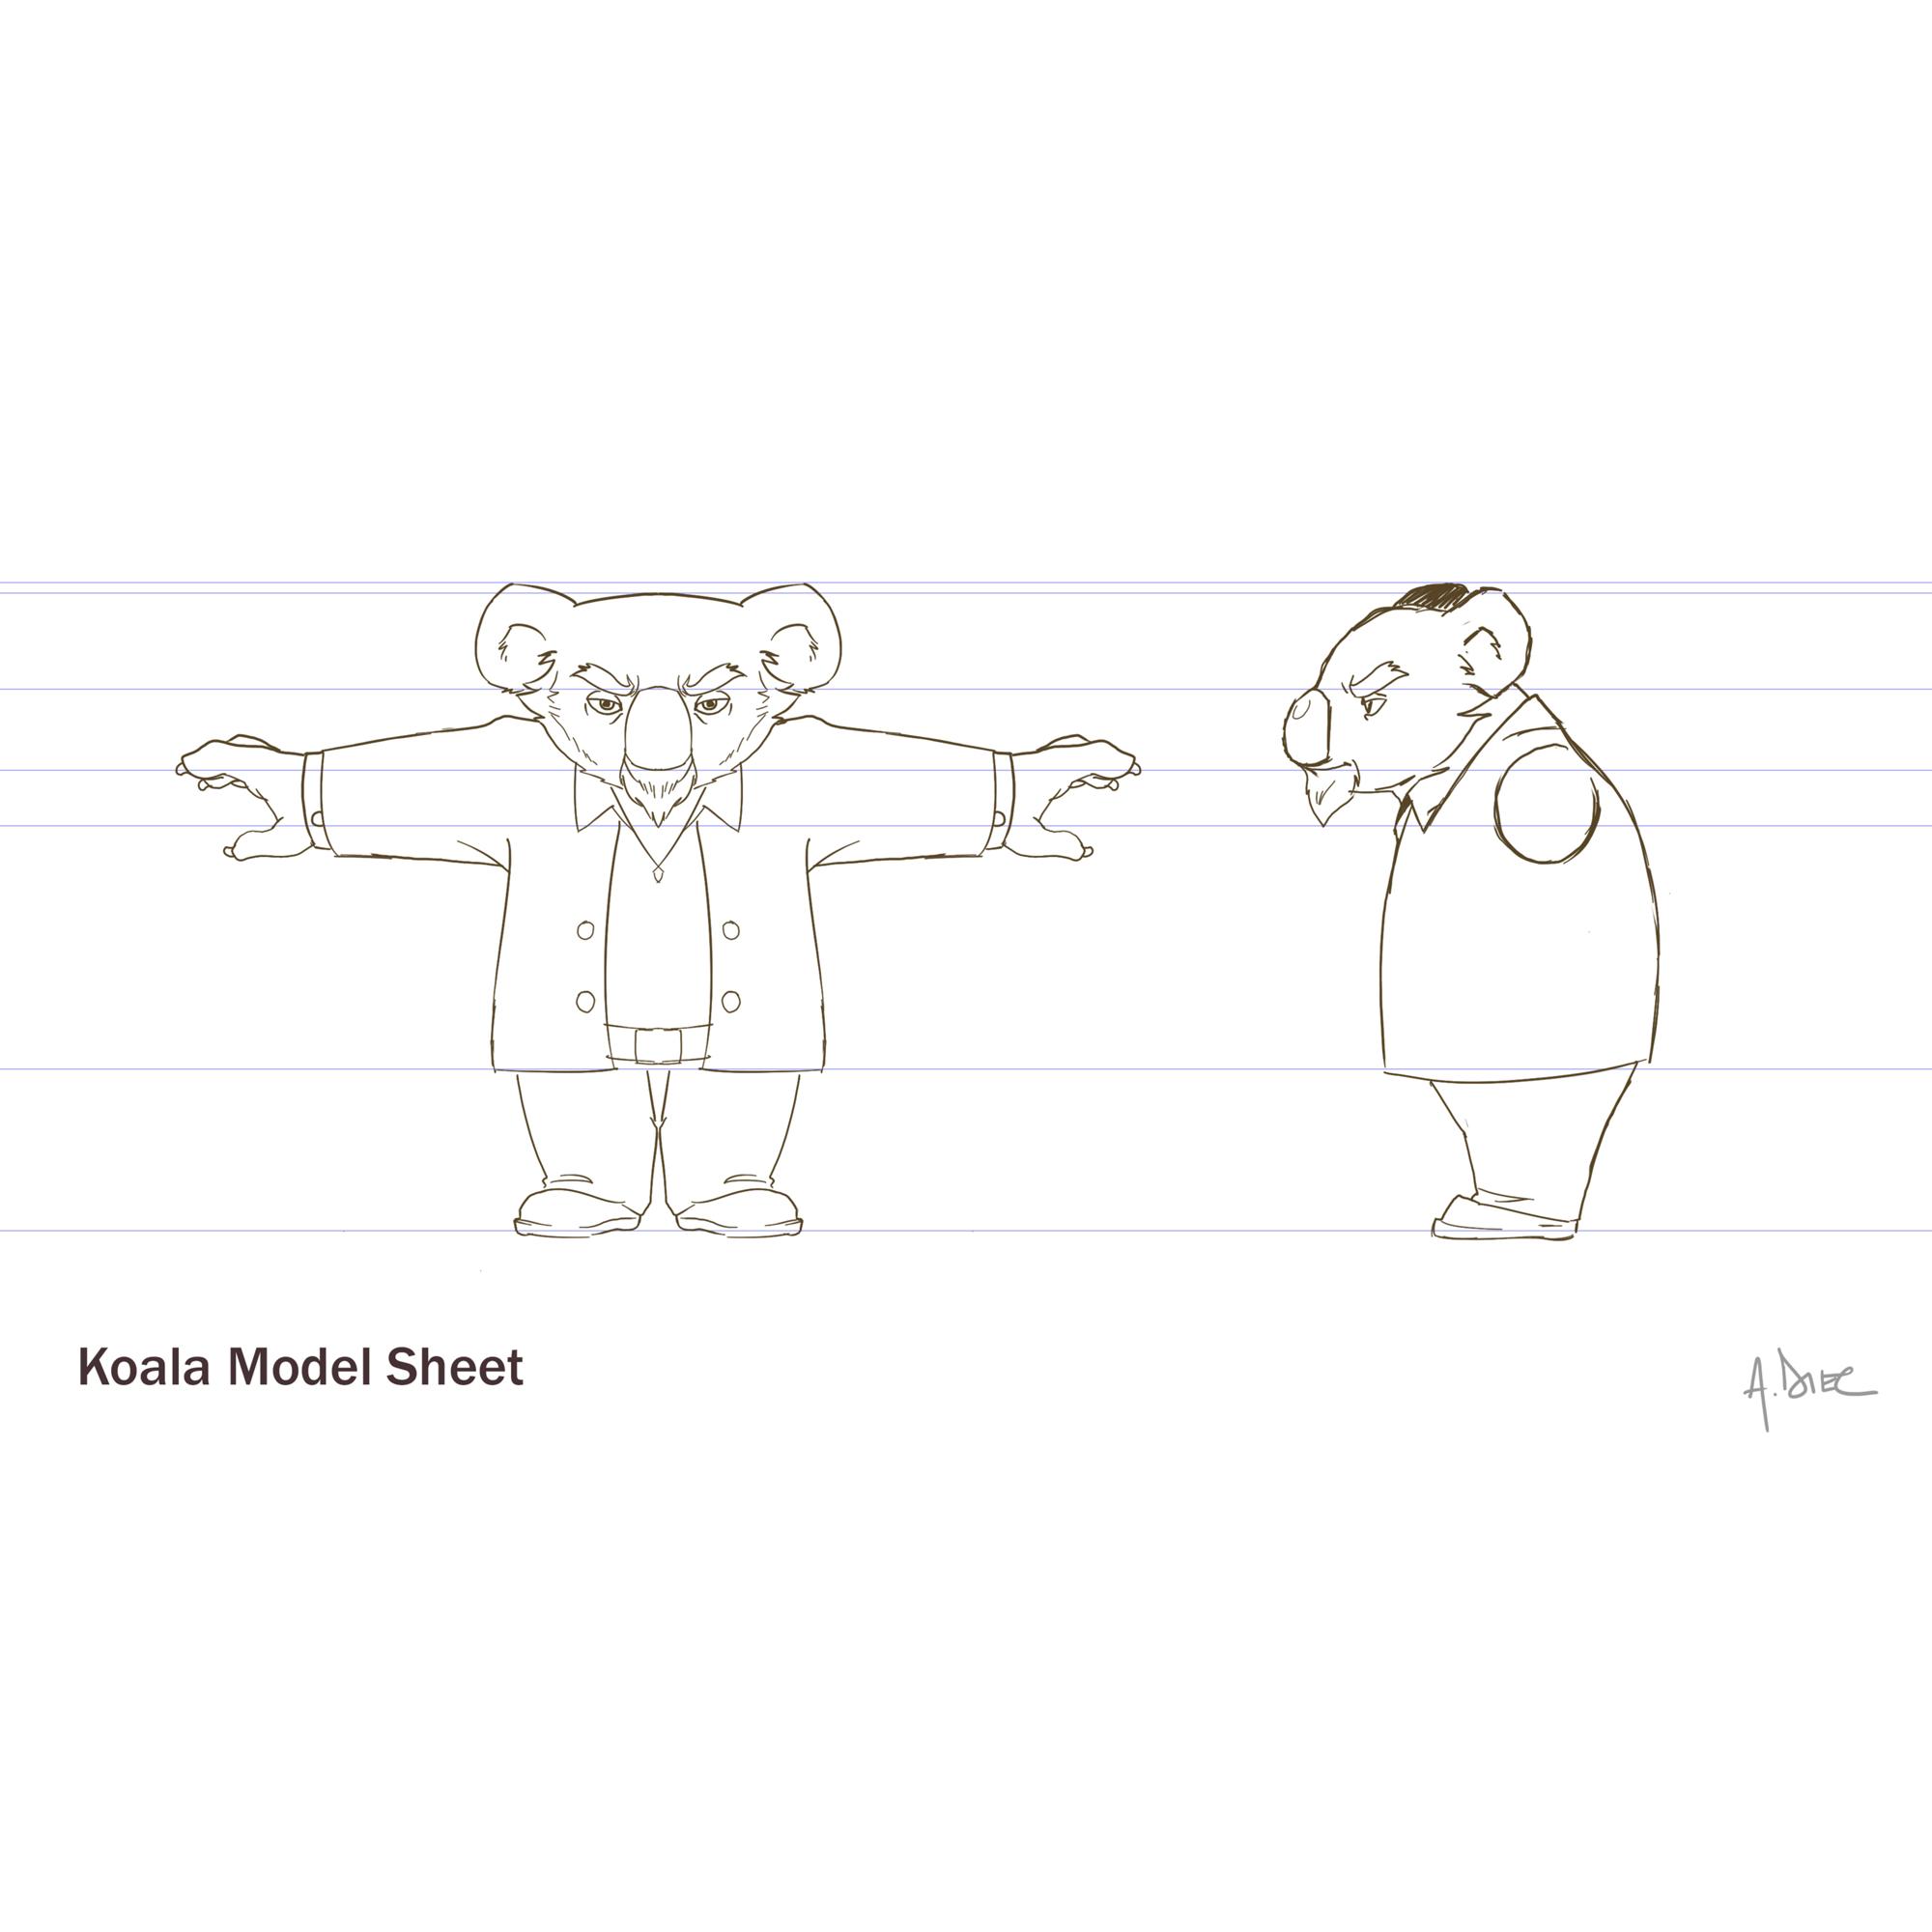 Koala-model-sheet-2000-2000